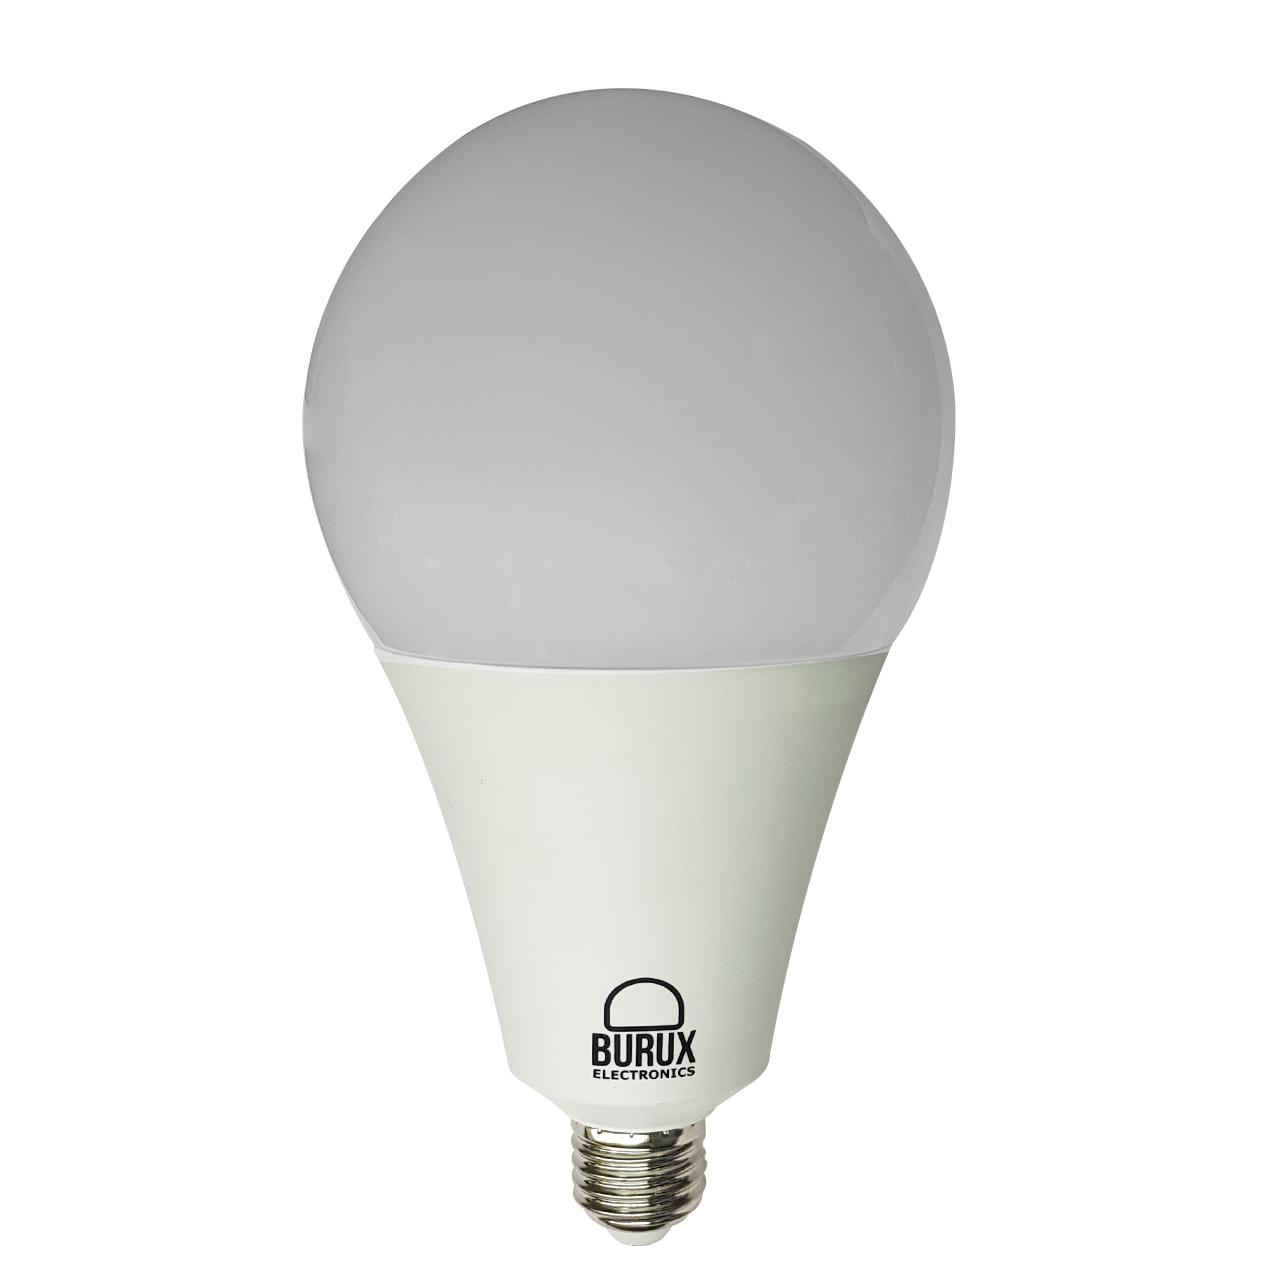 لامپ ال ای دی 30 وات بروکس مدل A110 پایه E27